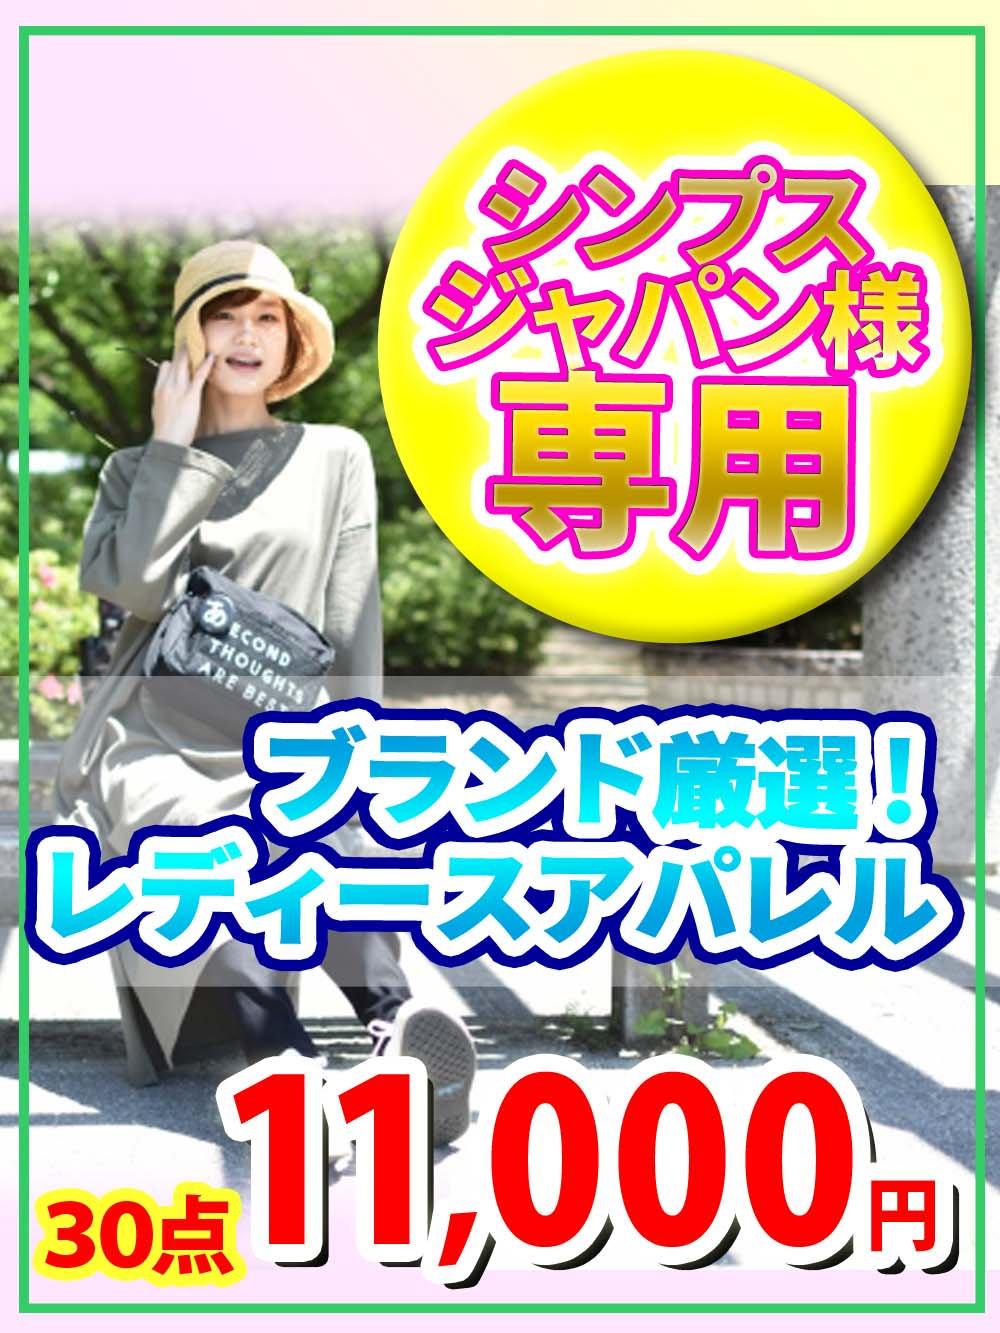 【シンプスジャパン様専用】ブランド厳選!レディースアパレル 【30点】11,000円